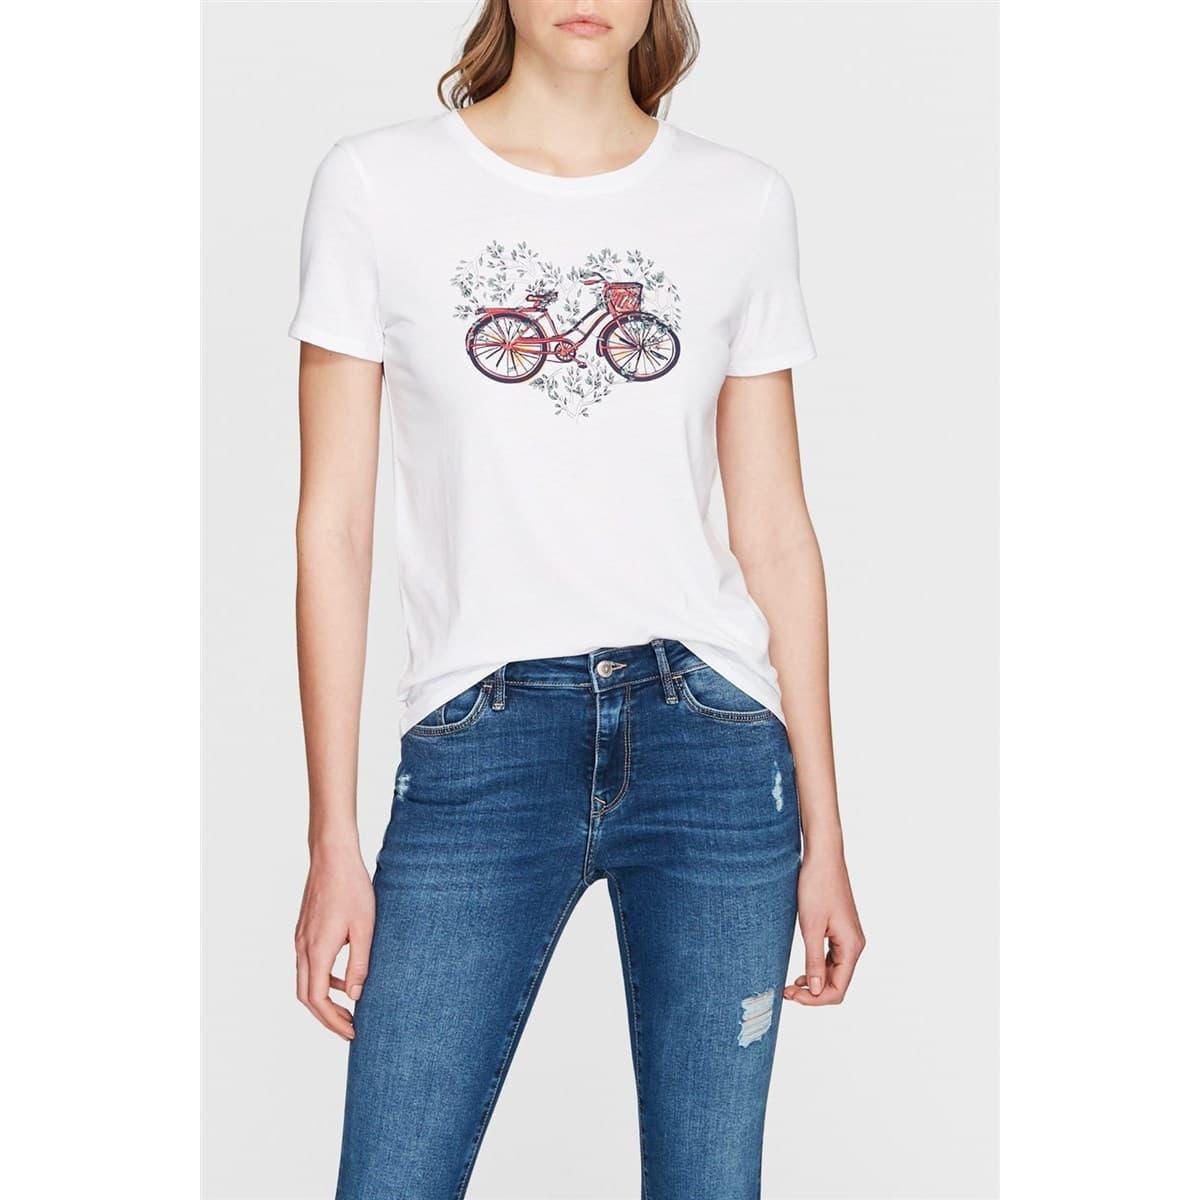 Bisiklet Baskılı Beyaz Kadın Tişört